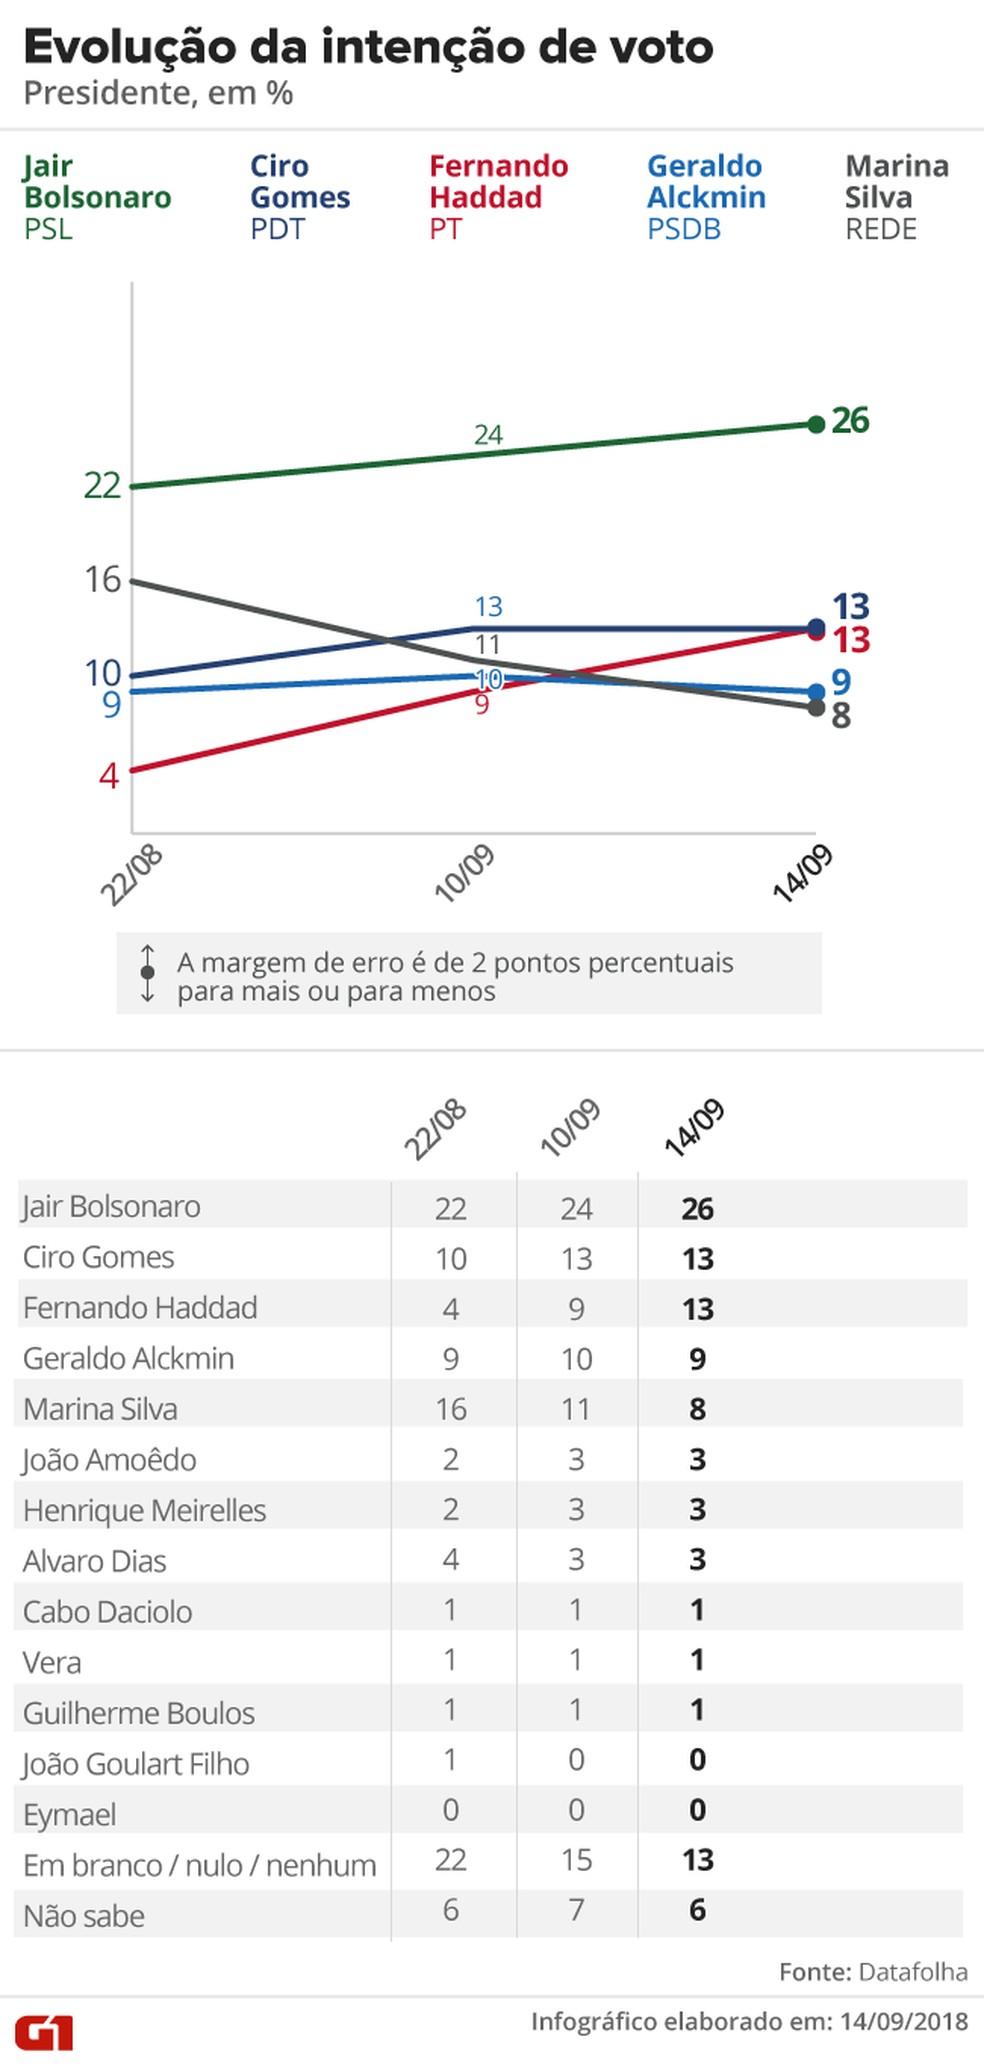 Datafolha - 14 de setembro - evolução da intenção de votos para presidente — Foto: Arte/G1